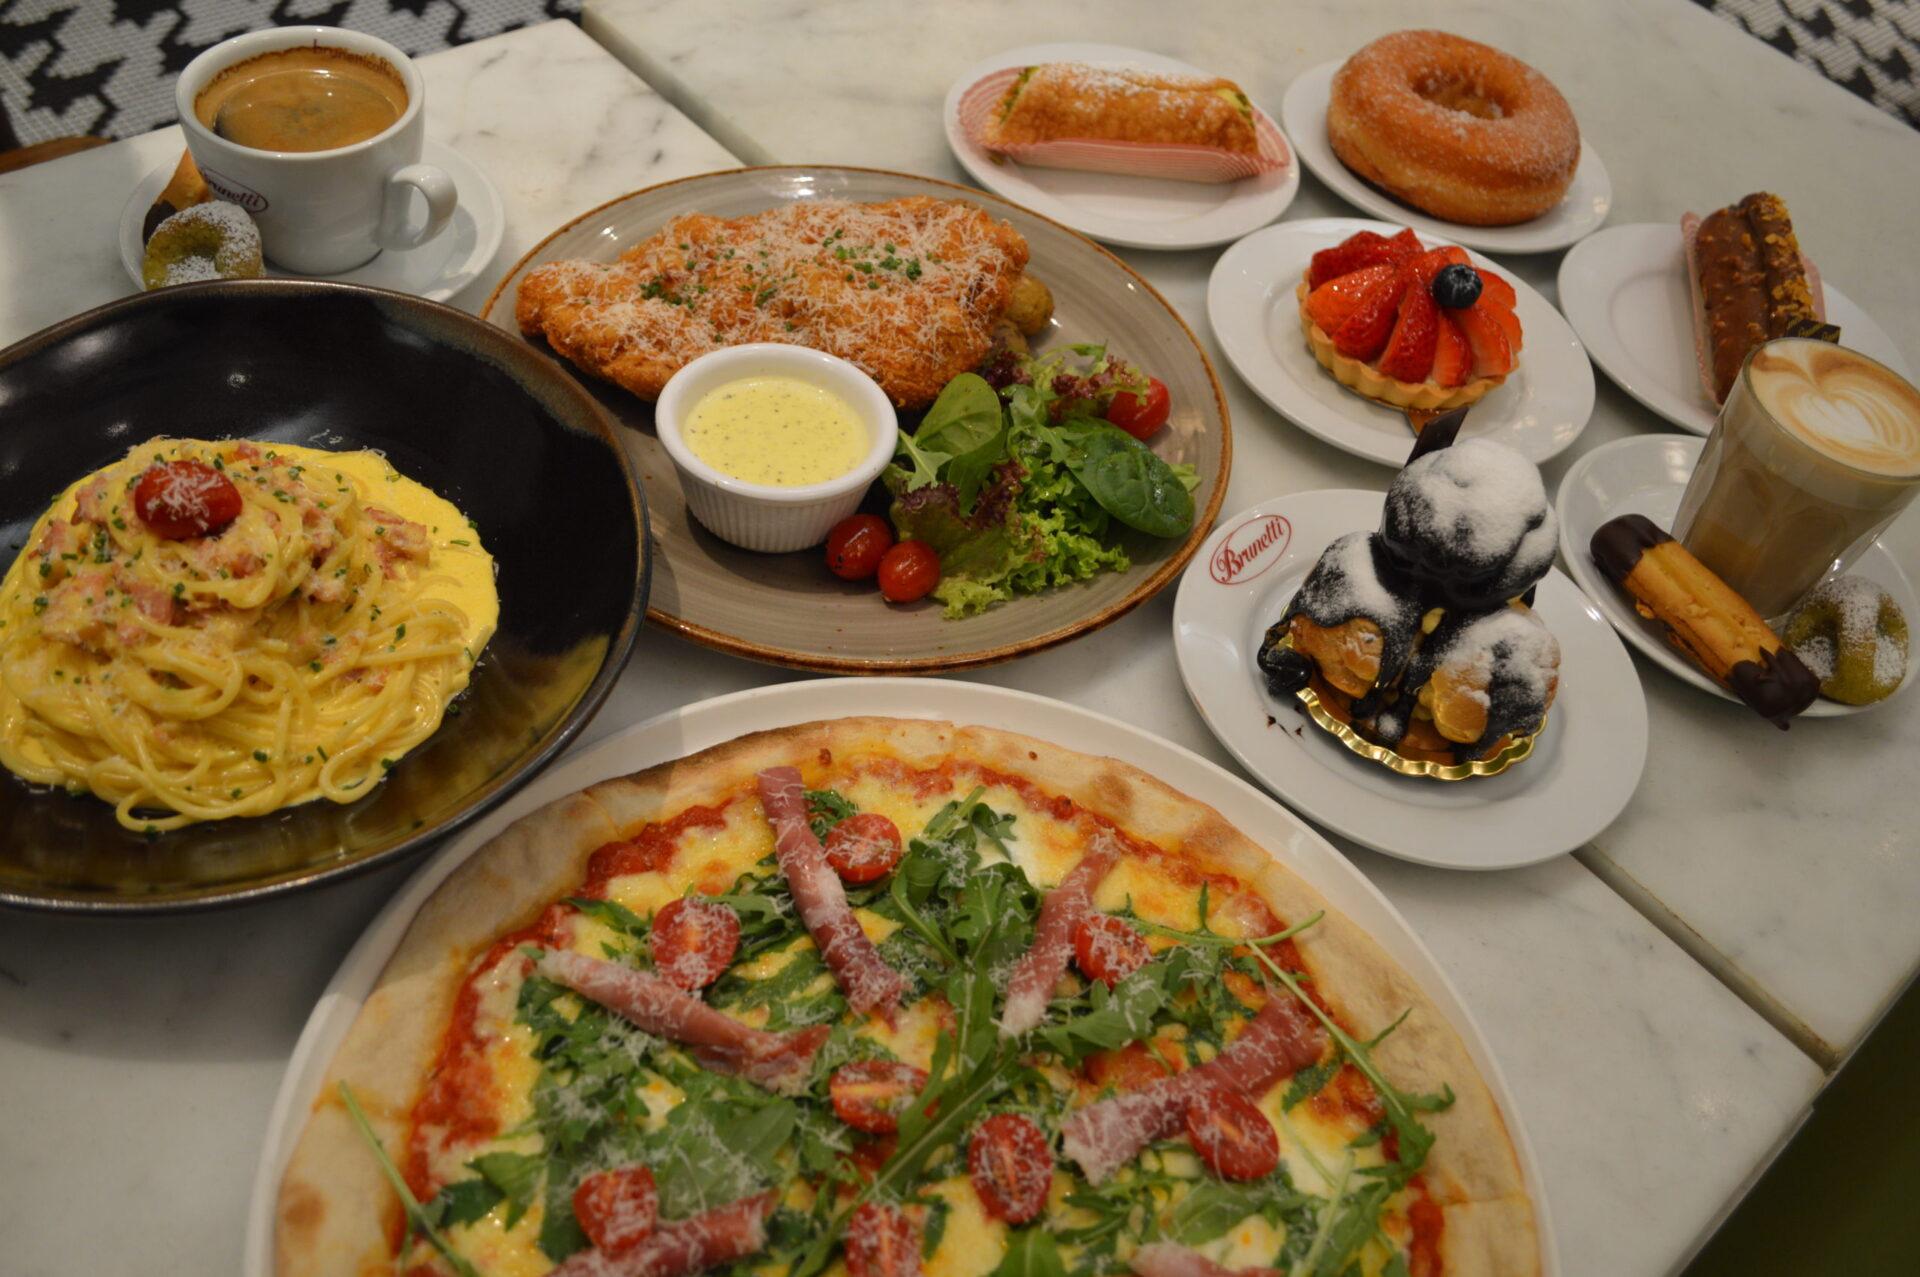 タングリンモールでカジュアルに食す イタリアン デザートもパスタもピザも全てが本格派